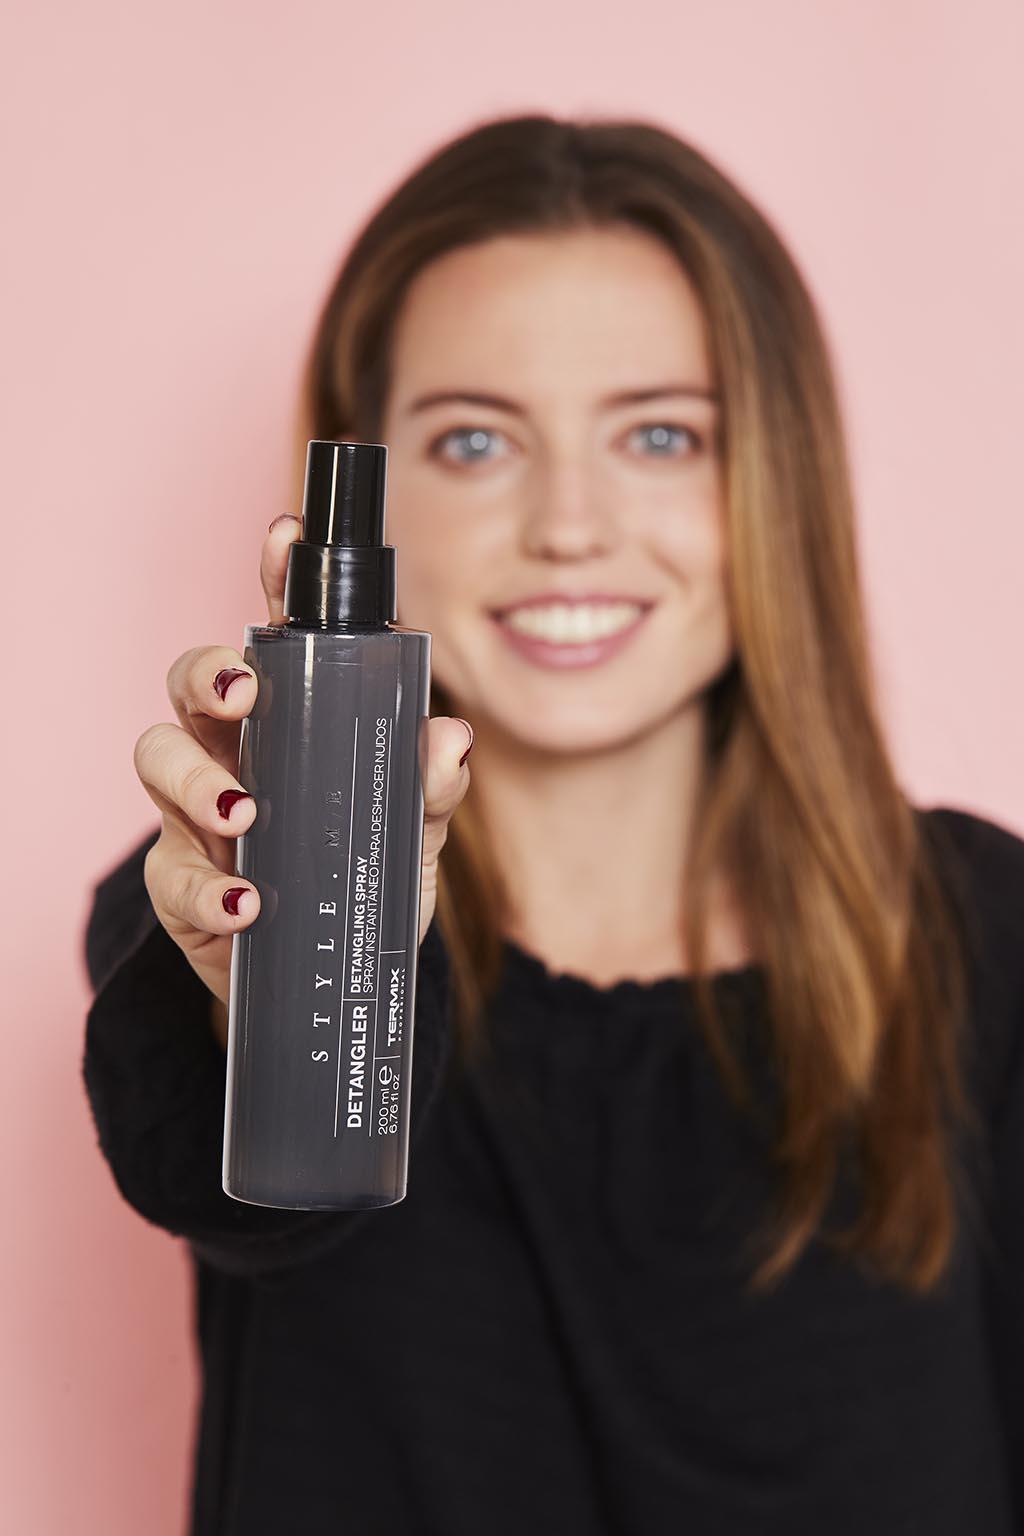 El spray detangler evita los nudos de tu cabello